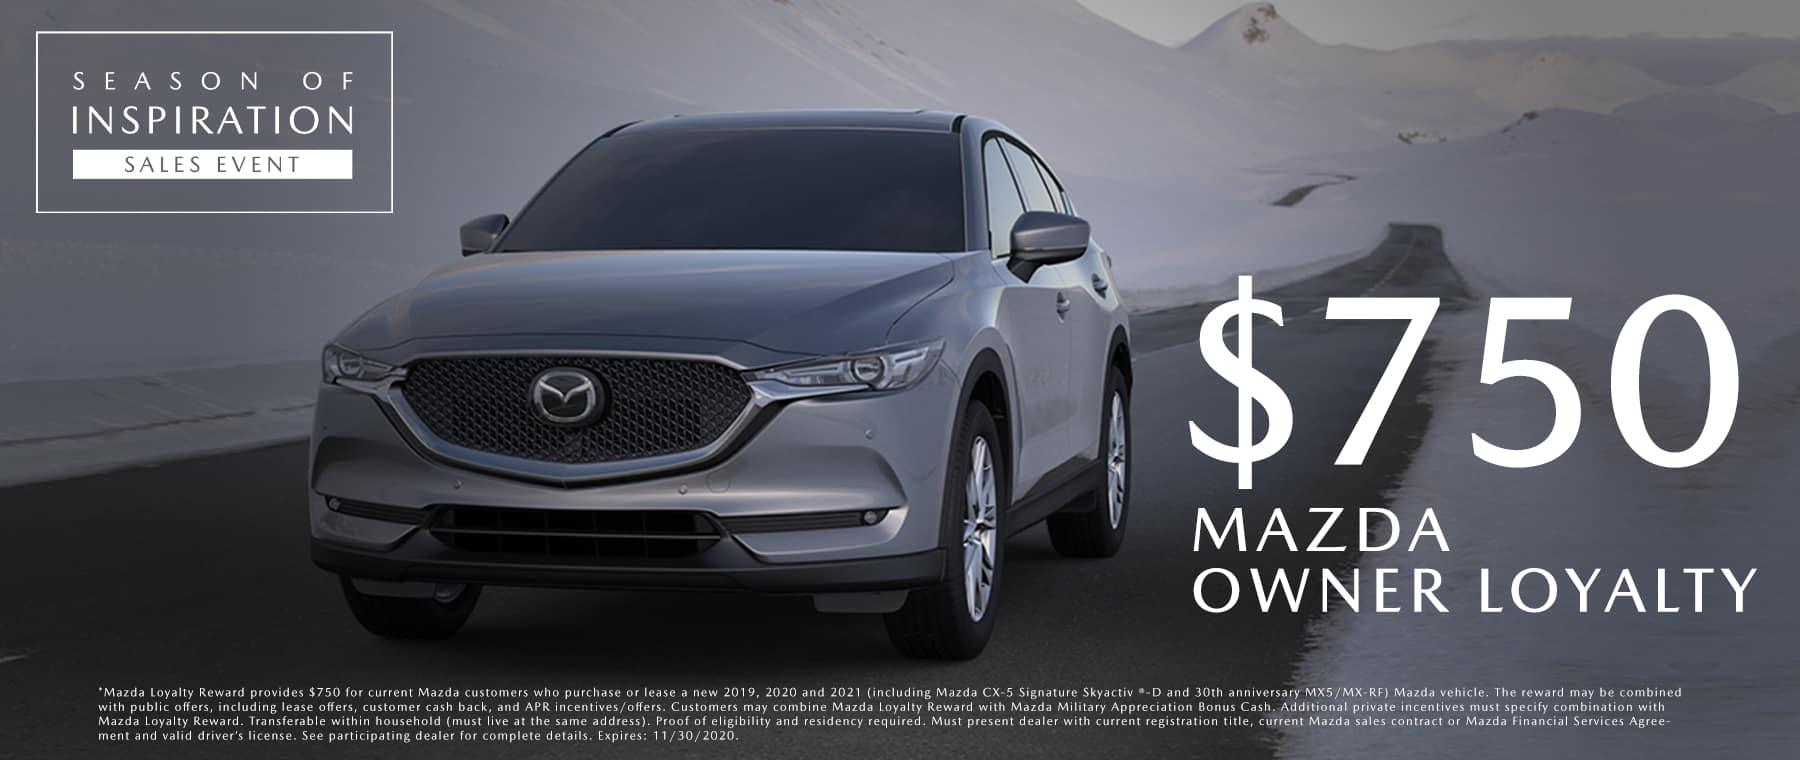 $750 Mazda Owner Loyalty